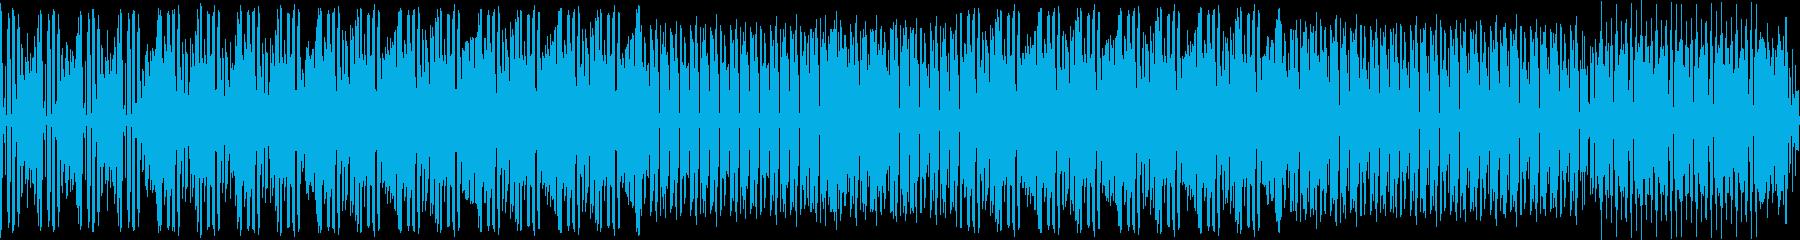 緊張感、疾走感のあるBGMの再生済みの波形